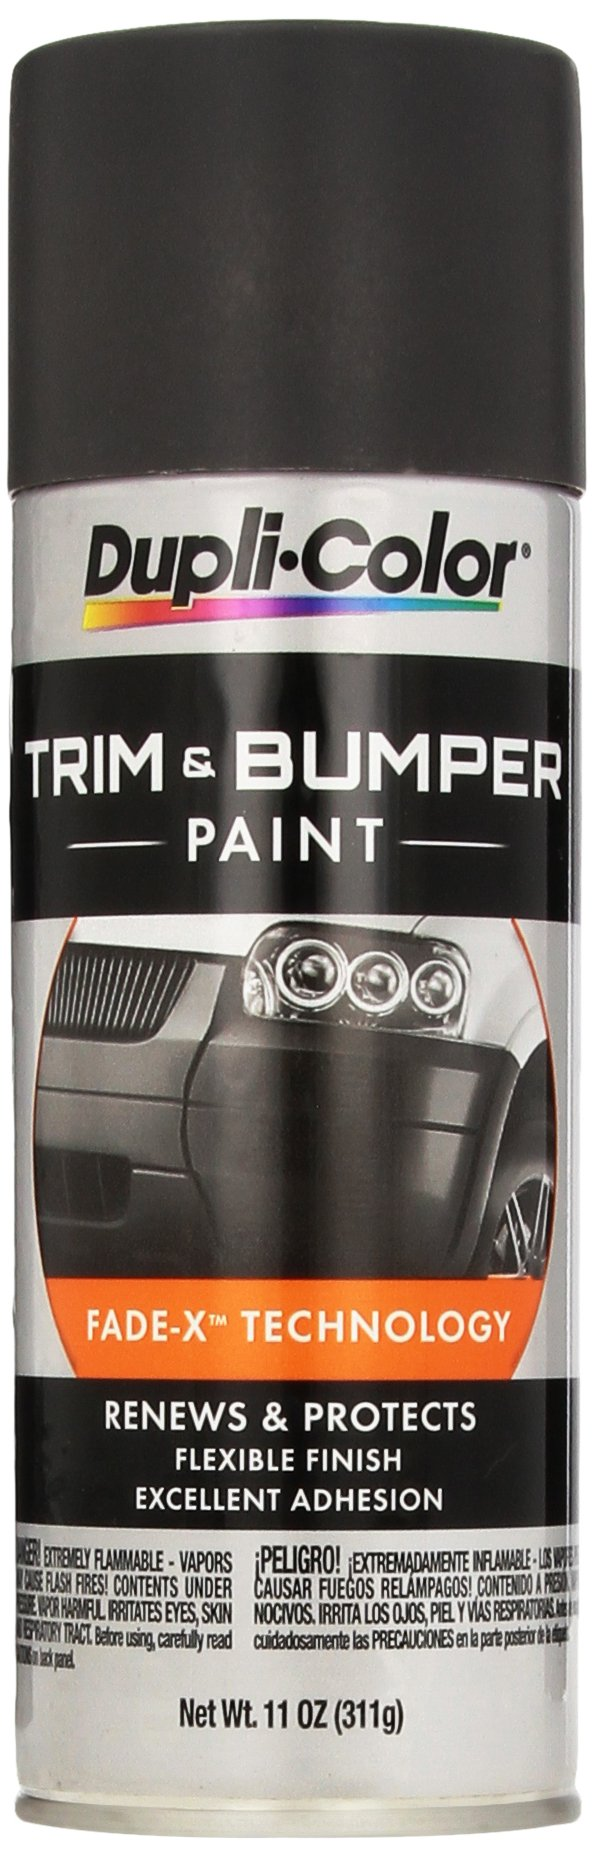 Dupli-Color TB102 Charcoal Black Trim and Bumper Paint - 11 fl. oz. by Dupli-Color